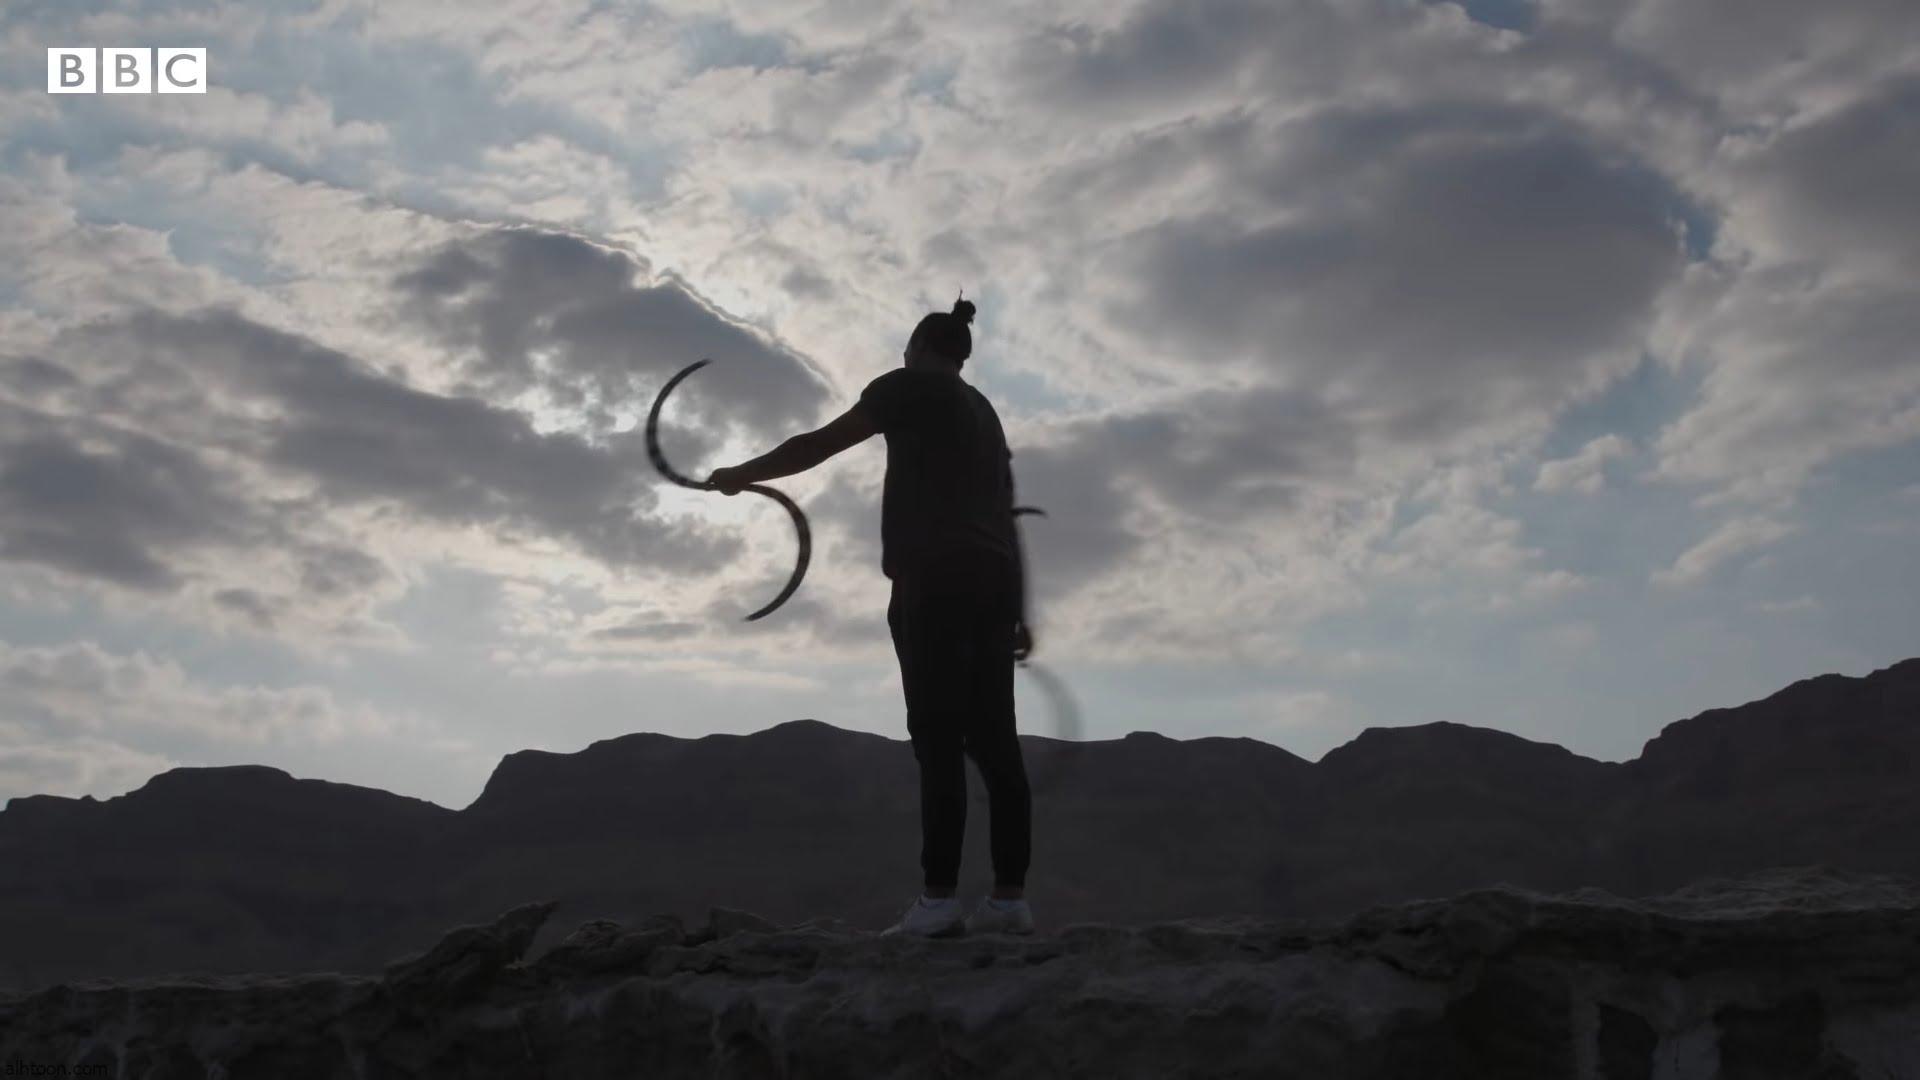 شاهد: لاعب سيرك فلسطيني يبدع في الاستعراض بالنار - صحيفة هتون الدولية